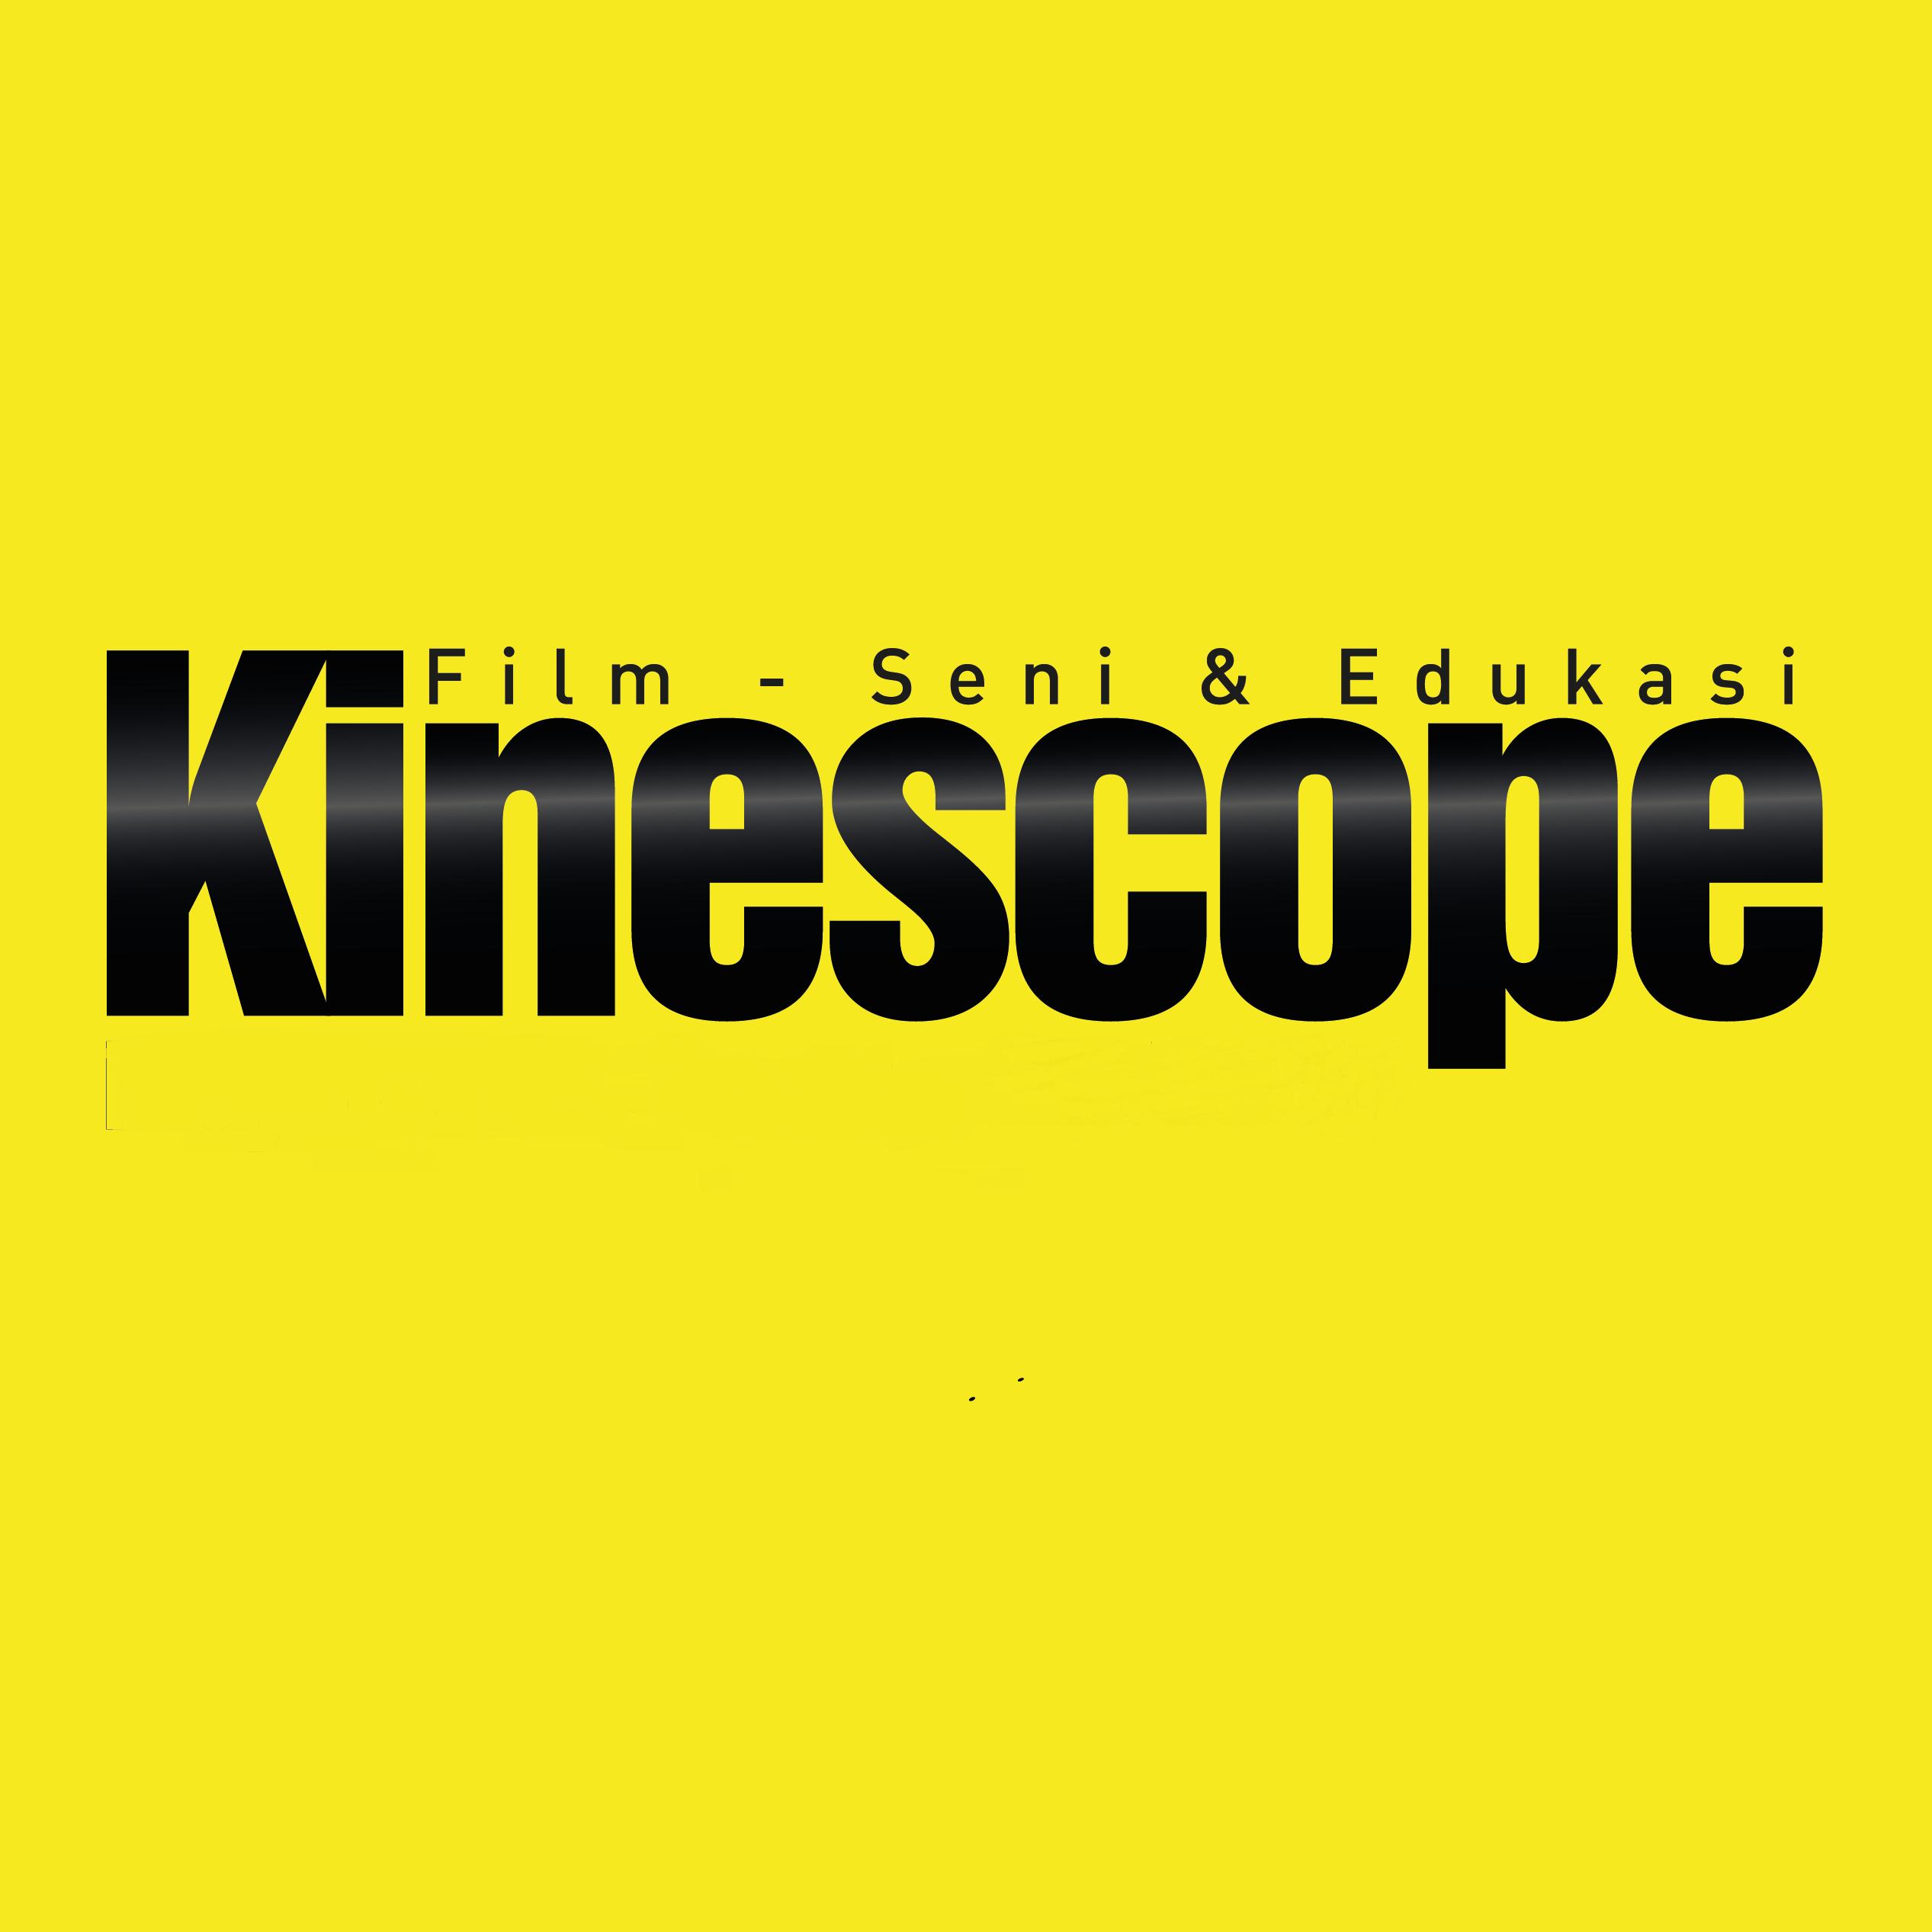 KinescopeMagz